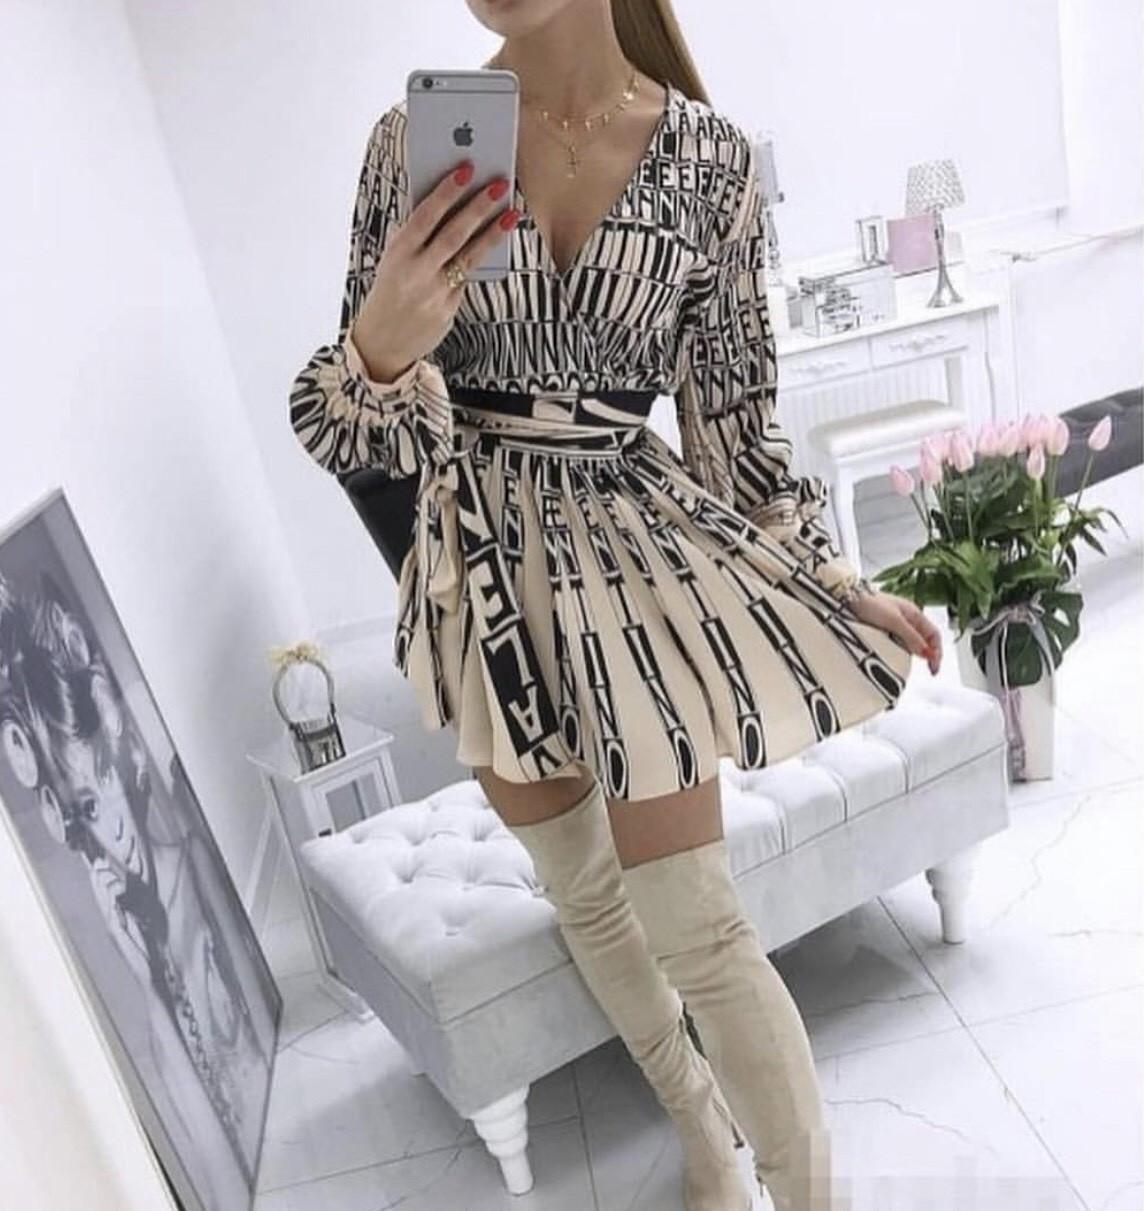 cfc6922ed0e Платье Valentino бежевое - Интернет-магазин 7sundukov в Запорожье